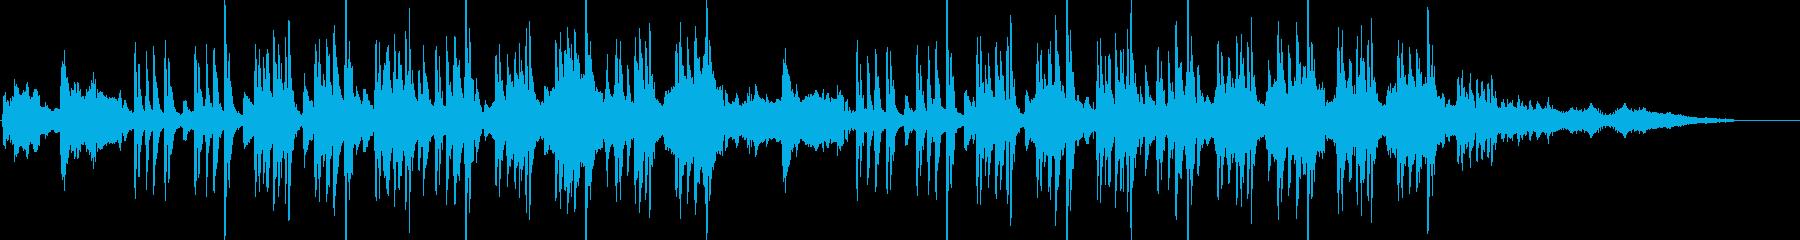 大きな弦と忘れられない声は、これを...の再生済みの波形